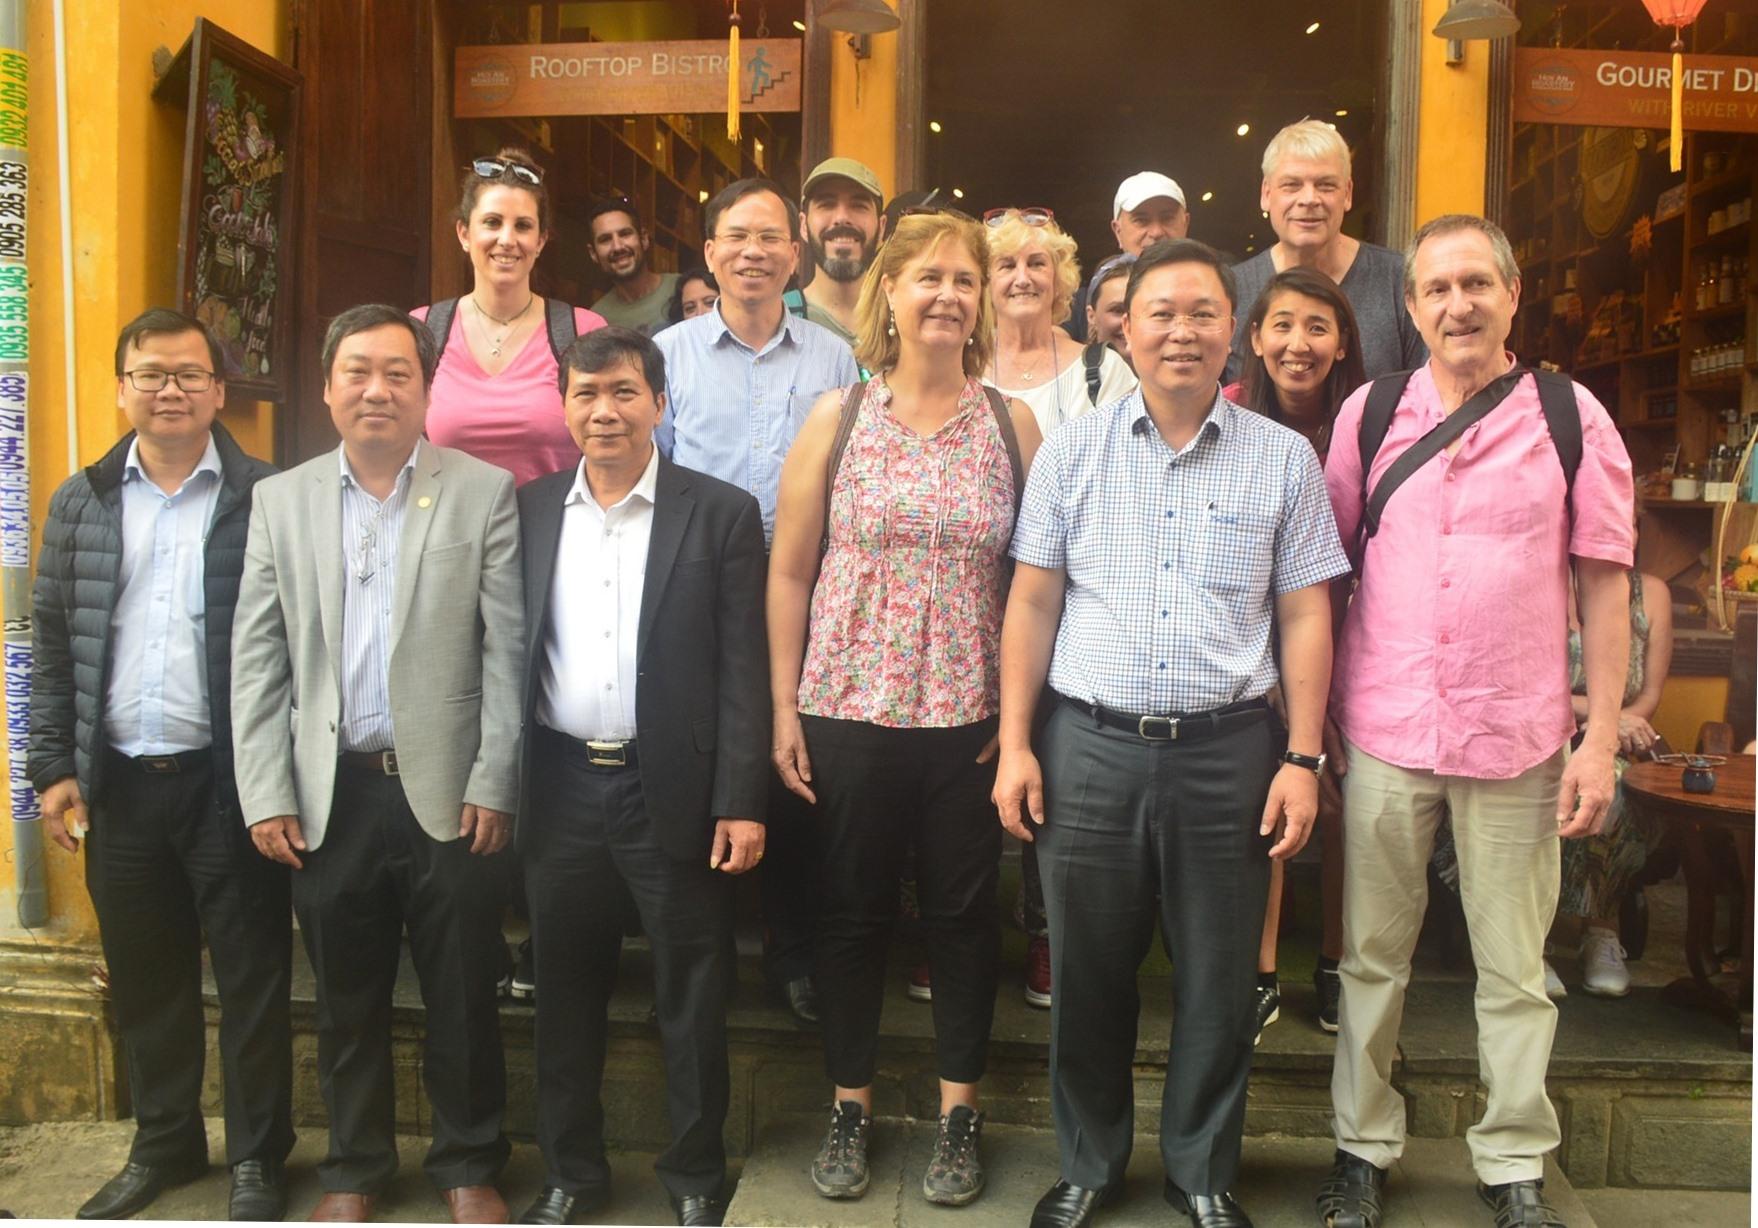 Lãnh đạo tỉnh và TP.Hội An cùng uống cà phê, nói chuyện thân mật với du khách trên đường Nguyễn Thái Học. Ảnh: T.V